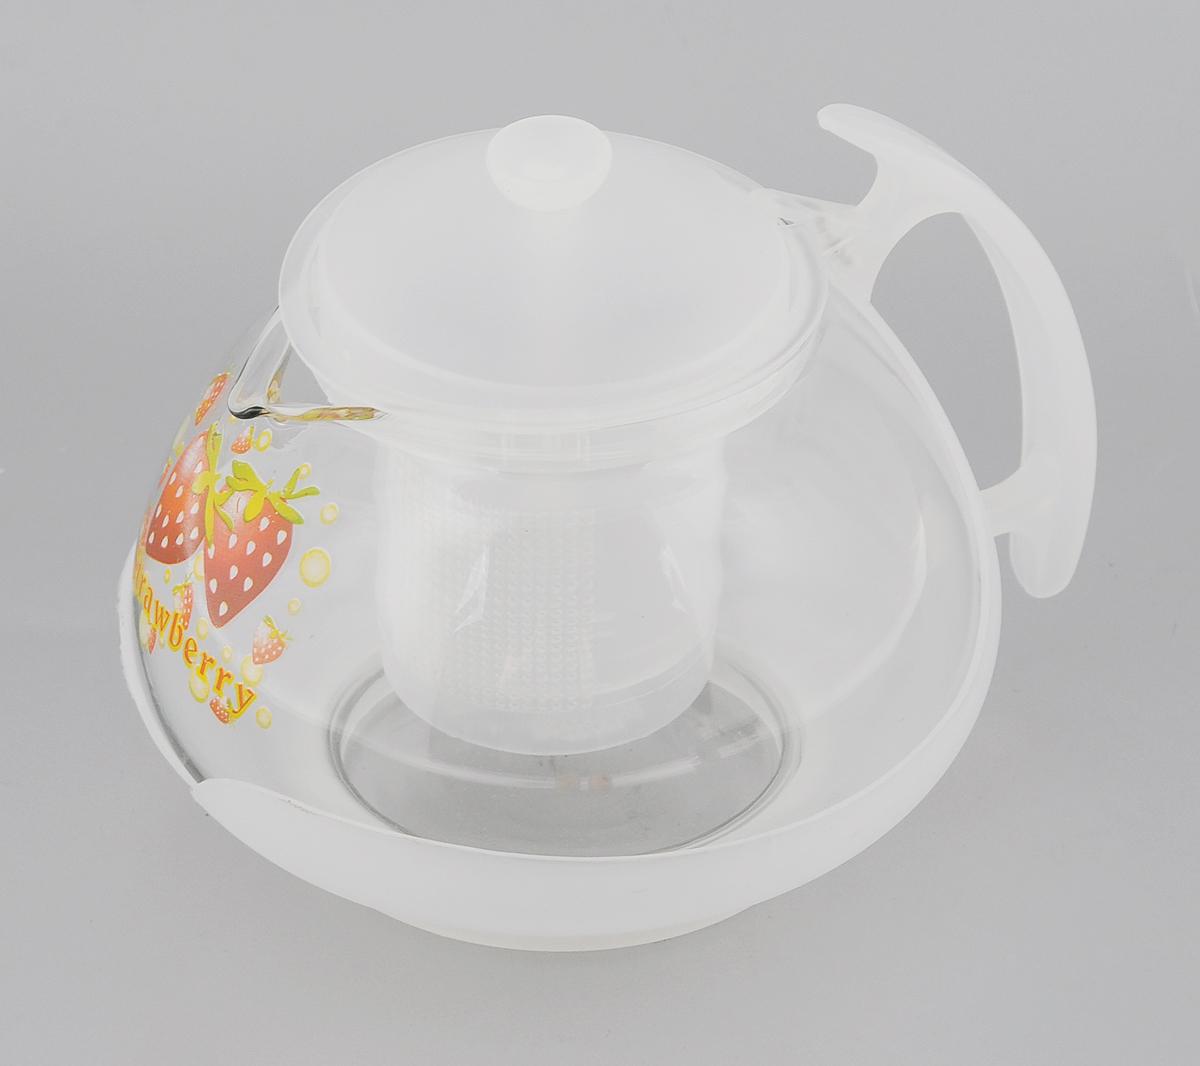 Чайник заварочный Mayer & Boch, с фильтром, цвет: прозрачный, белый, 700 мл. 2022391602Заварочный чайник Mayer & Boch изготовлен из жаропрочного стекла и полипропилена. Изделие оснащено сетчатым фильтром из пищевого полипропилена (пластика), который задерживает чаинки и предотвращает их попадание в чашку, а прозрачные стенки дадут возможность наблюдать за насыщением напитка.Чай в таком чайнике дольше остается горячим, а полезные и ароматические вещества полностью сохраняются в напитке. Диаметр чайника (по верхнему краю): 8 см.Высота чайника (без учета крышки): 9,5 см.Высота фильтра: 6,5 см.